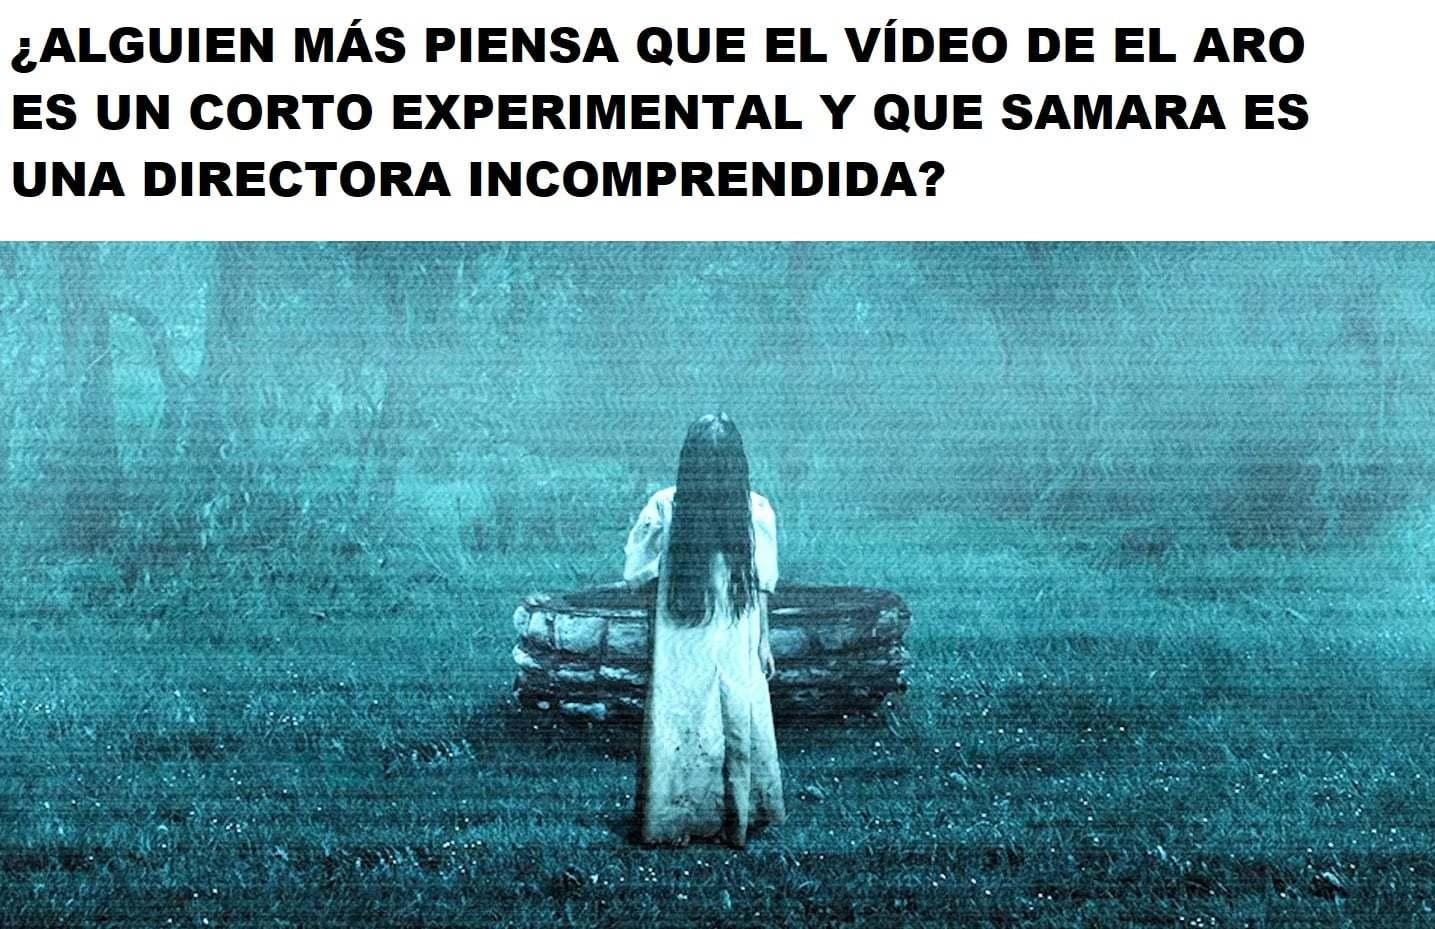 cine experimental - meme